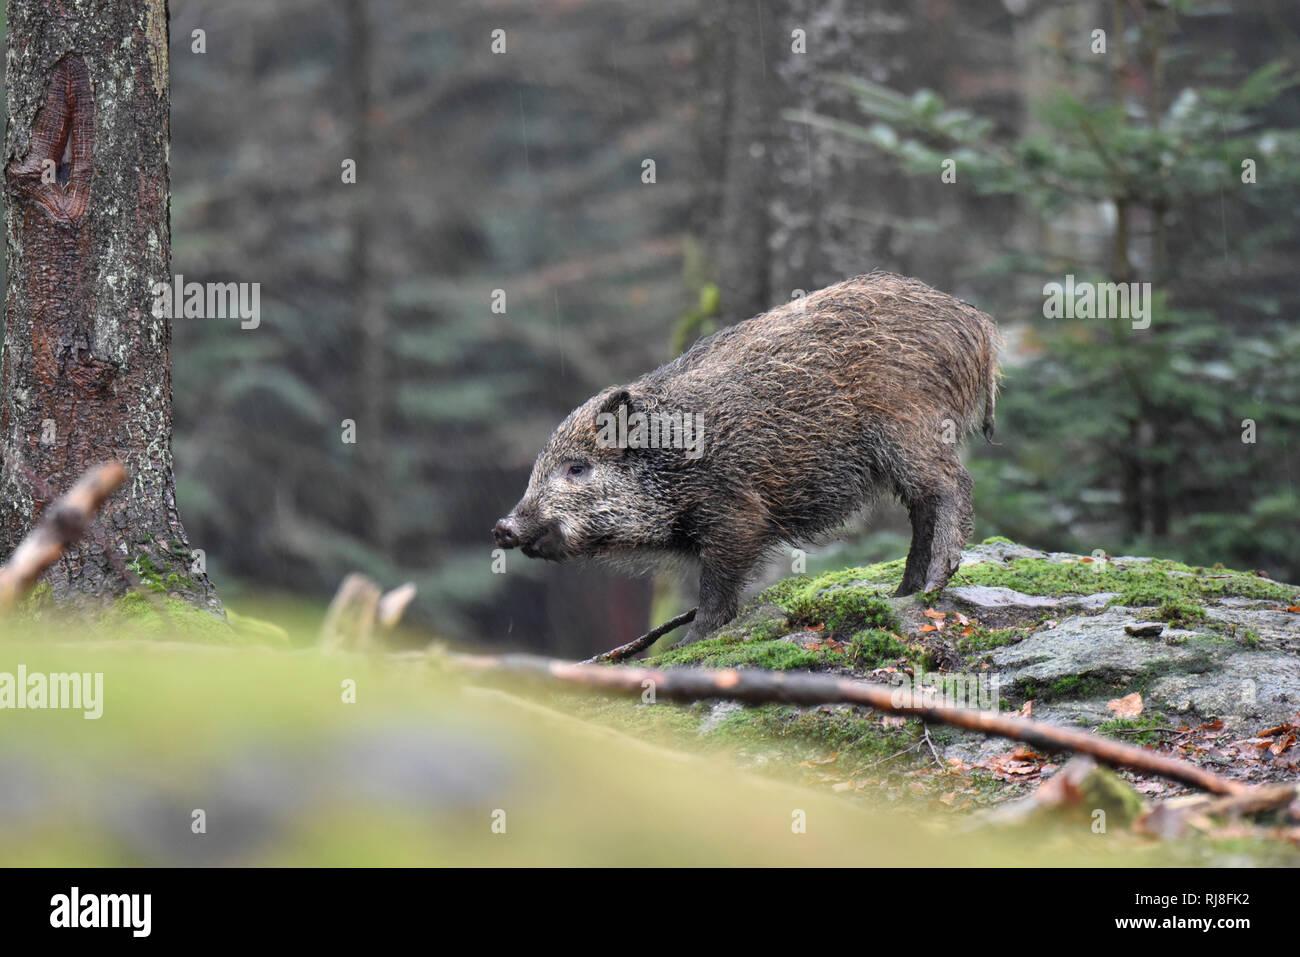 Wildschwein - Stock Image